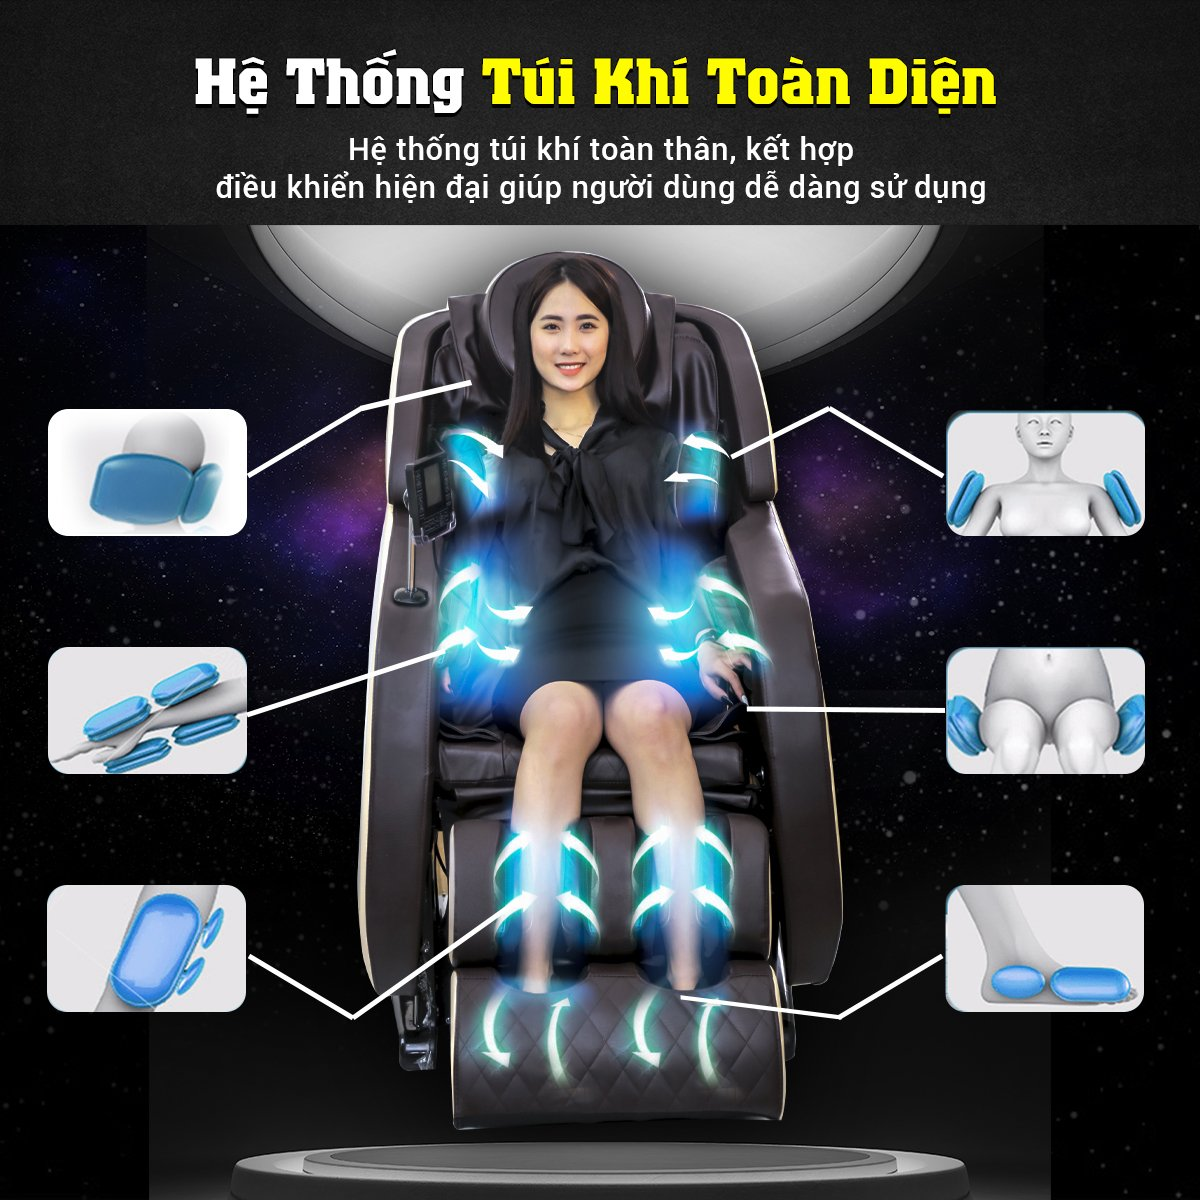 Ghế massage Queen Crown Dr. Tokyo 8 nâng cấp hệ túi khí đa chiều toàn diện